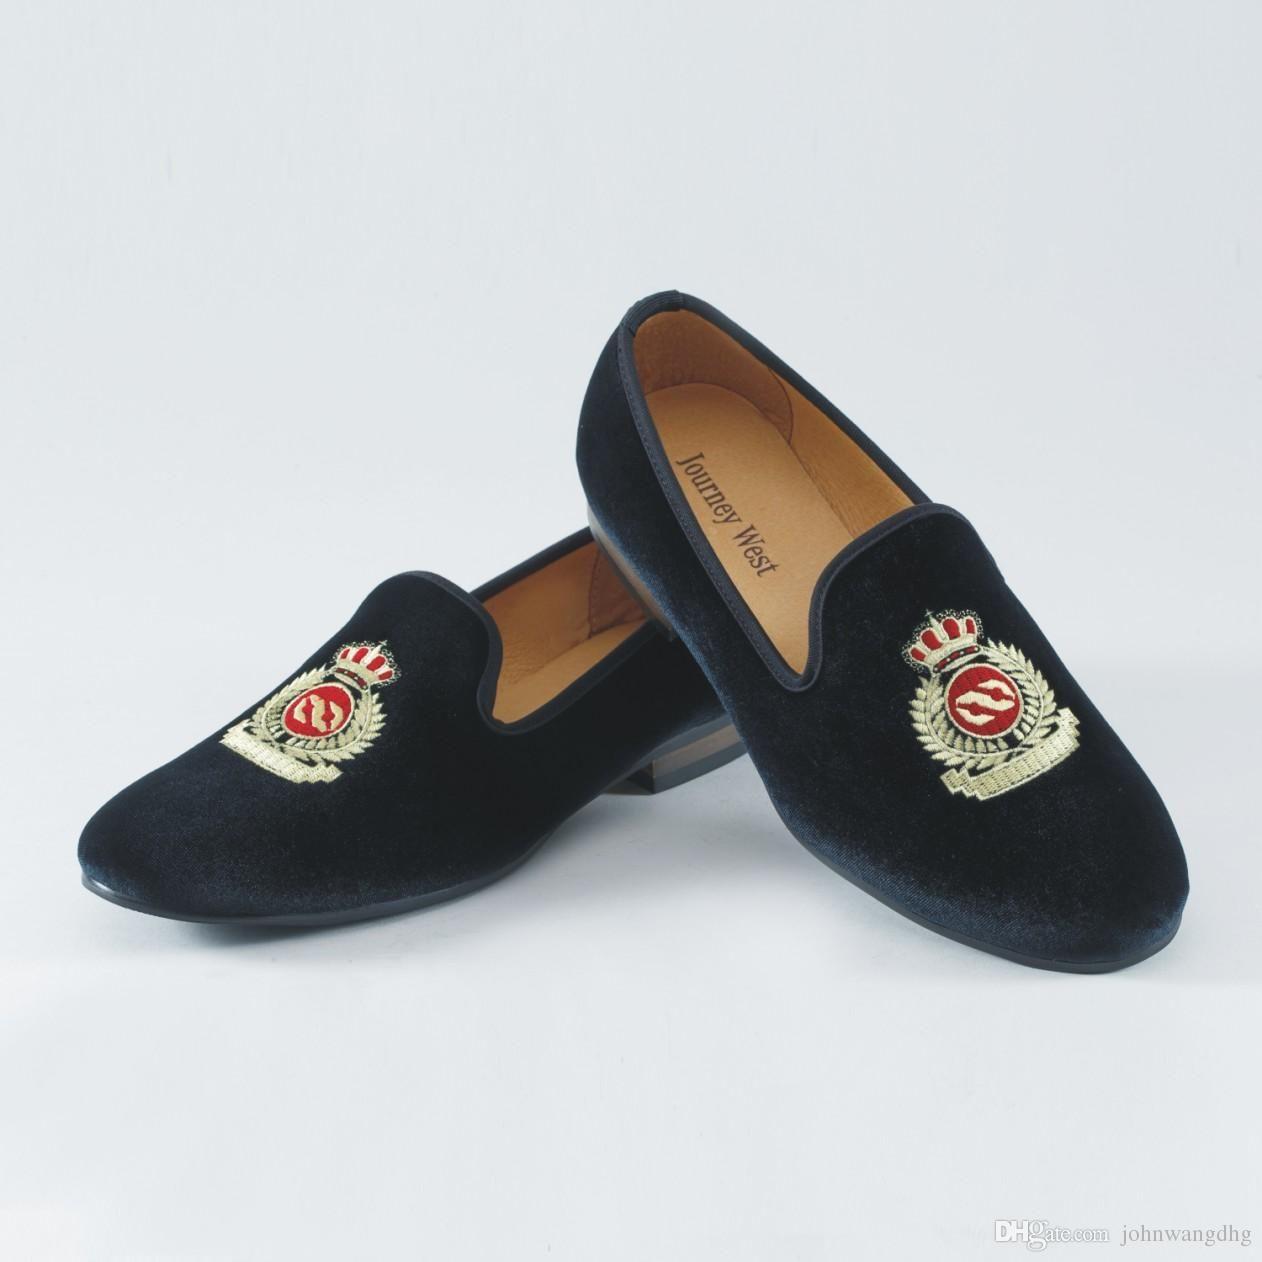 1dd64bd6f9 Compre Los Hombres De La Moda Se Deslizan En Los Zapatos De Terciopelo Para  Hombre Zapatillas De Terciopelo Casuales Zapatos De Vestir Británicos Pisos  Para ...